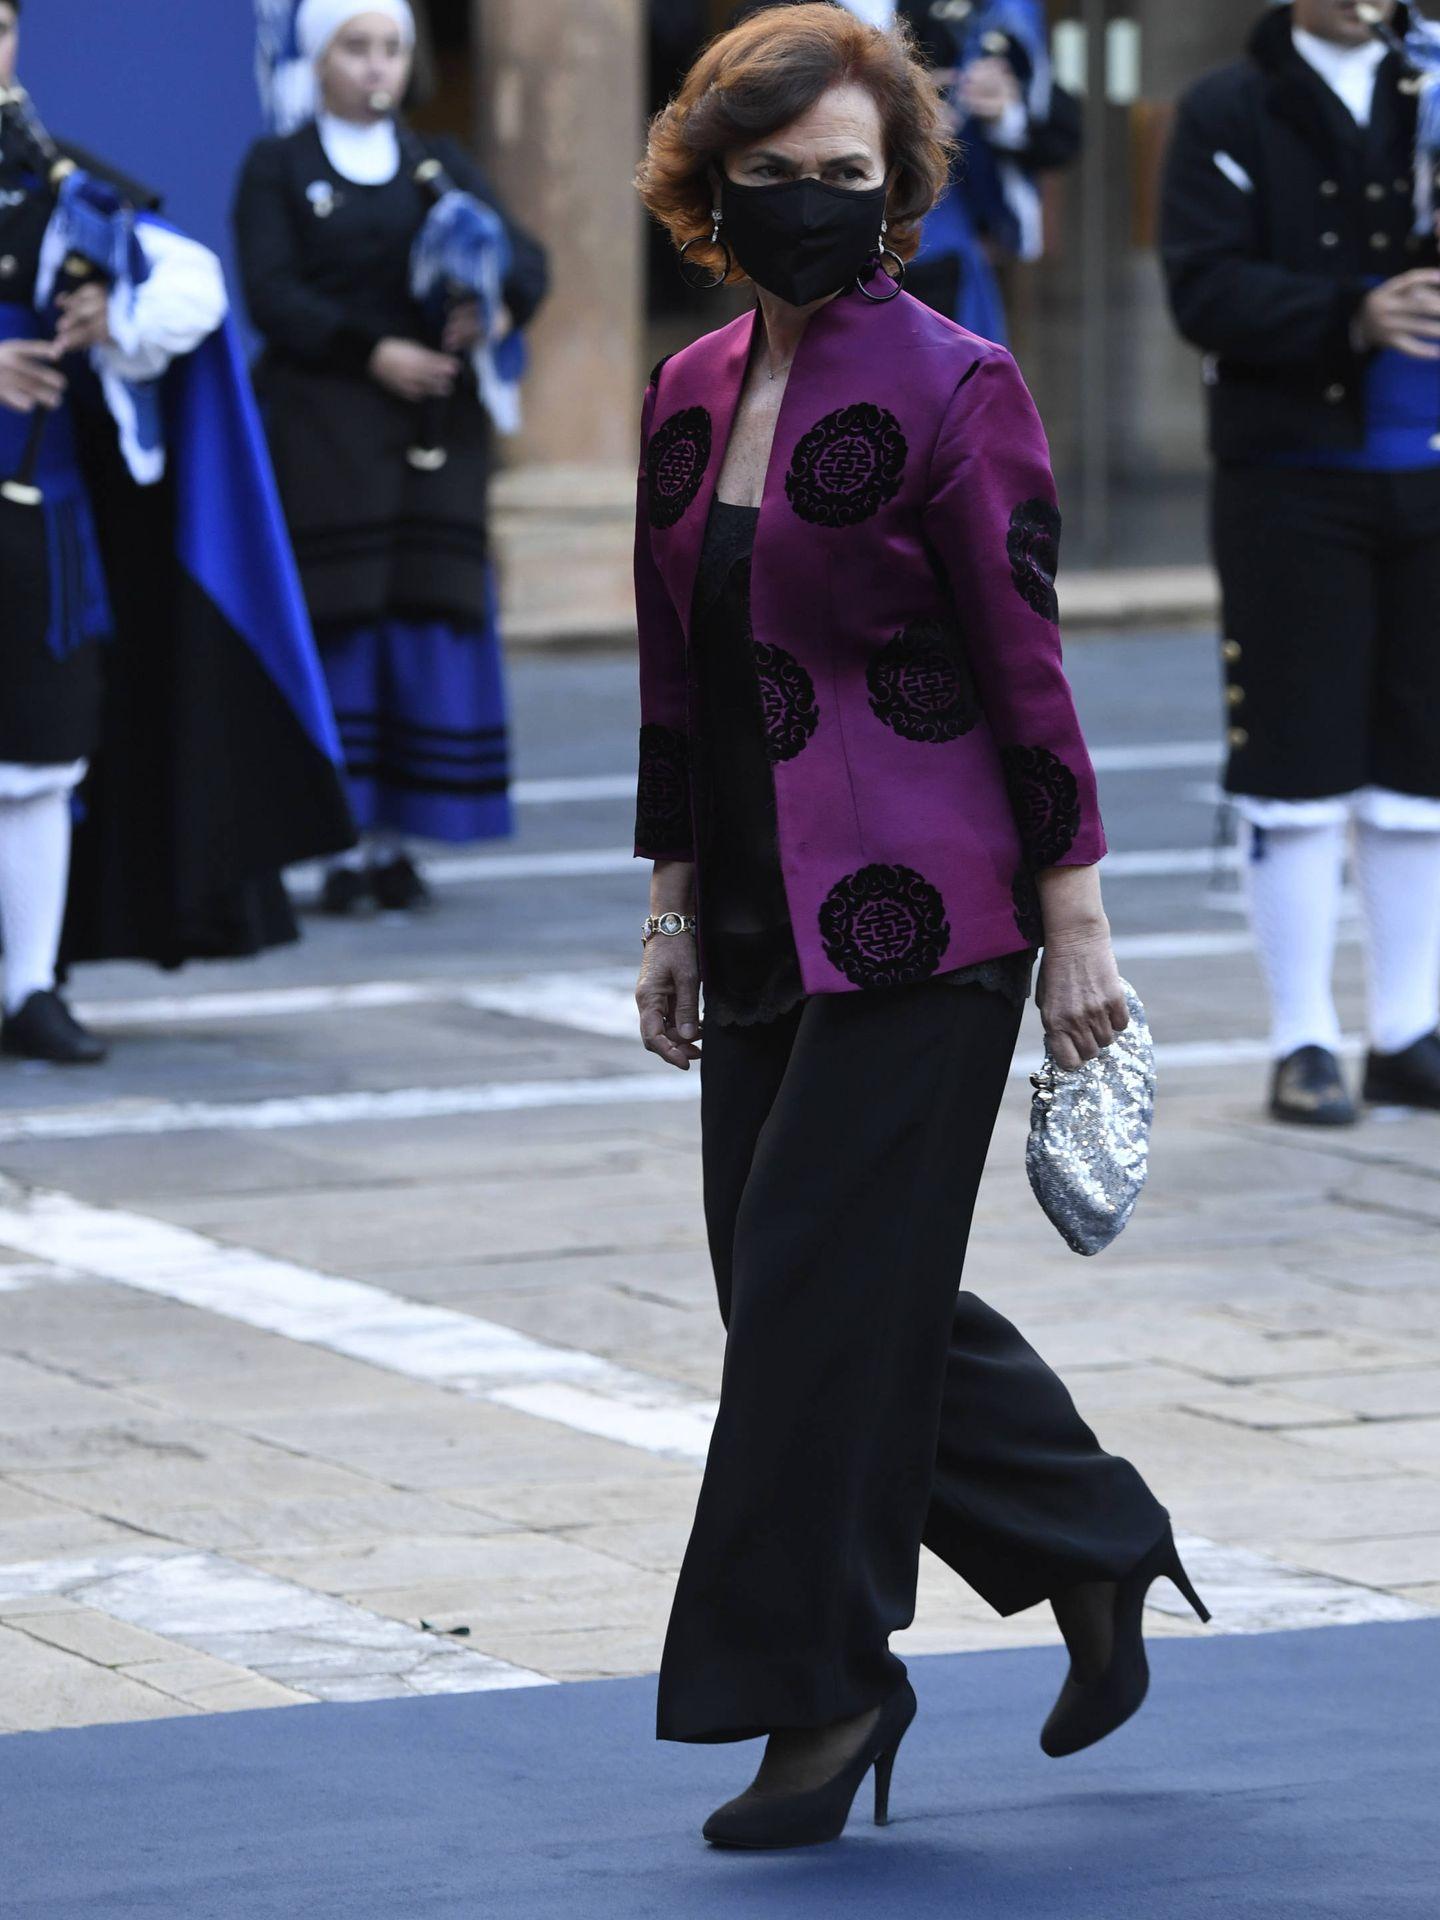 Llegada a la ceremonia de los Premios Princesa de Asturias. (Limited Pictures)